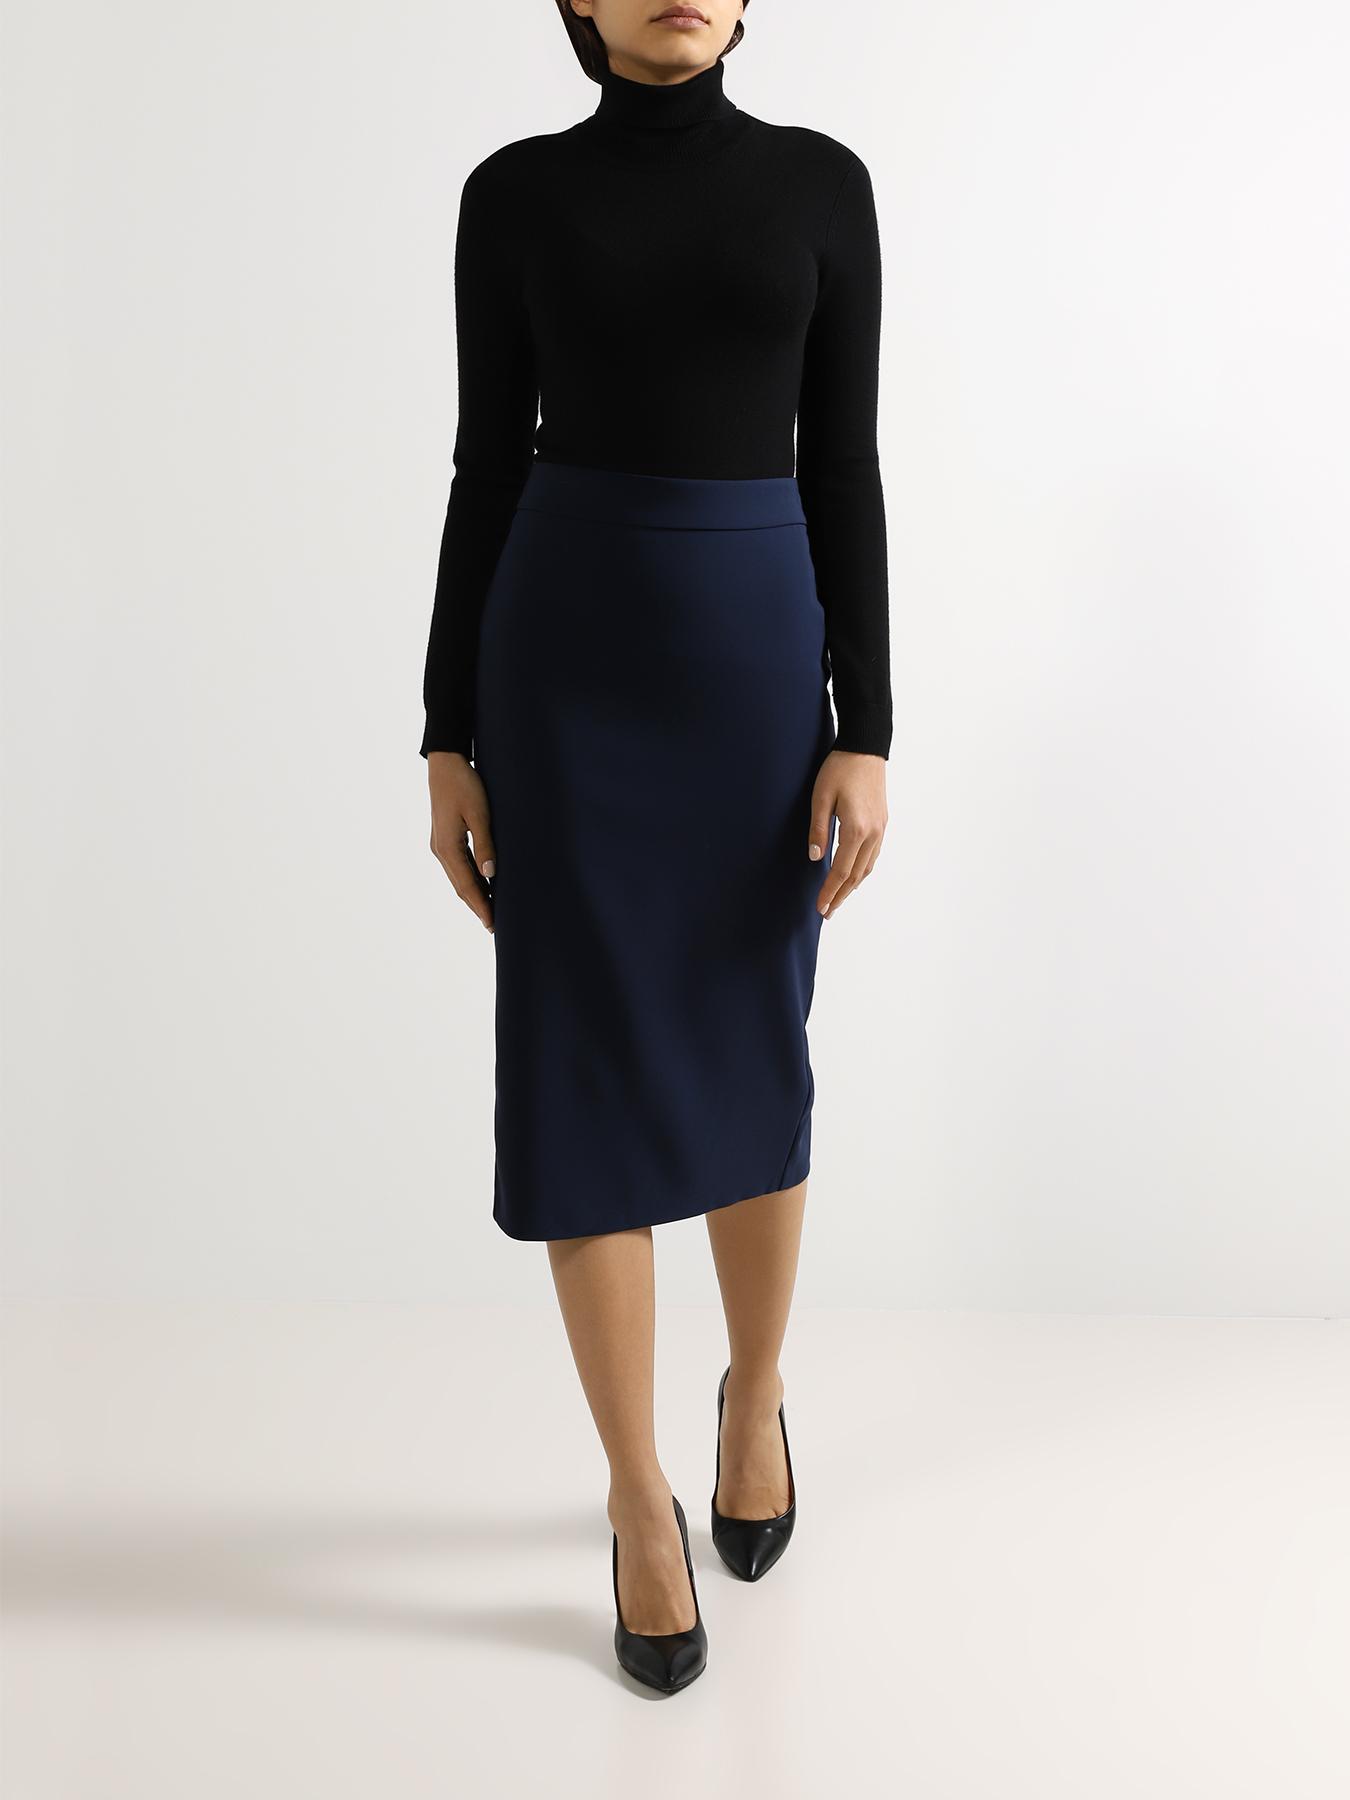 Юбка Rinascimento Однотонная юбка юбка rinascimento юбка